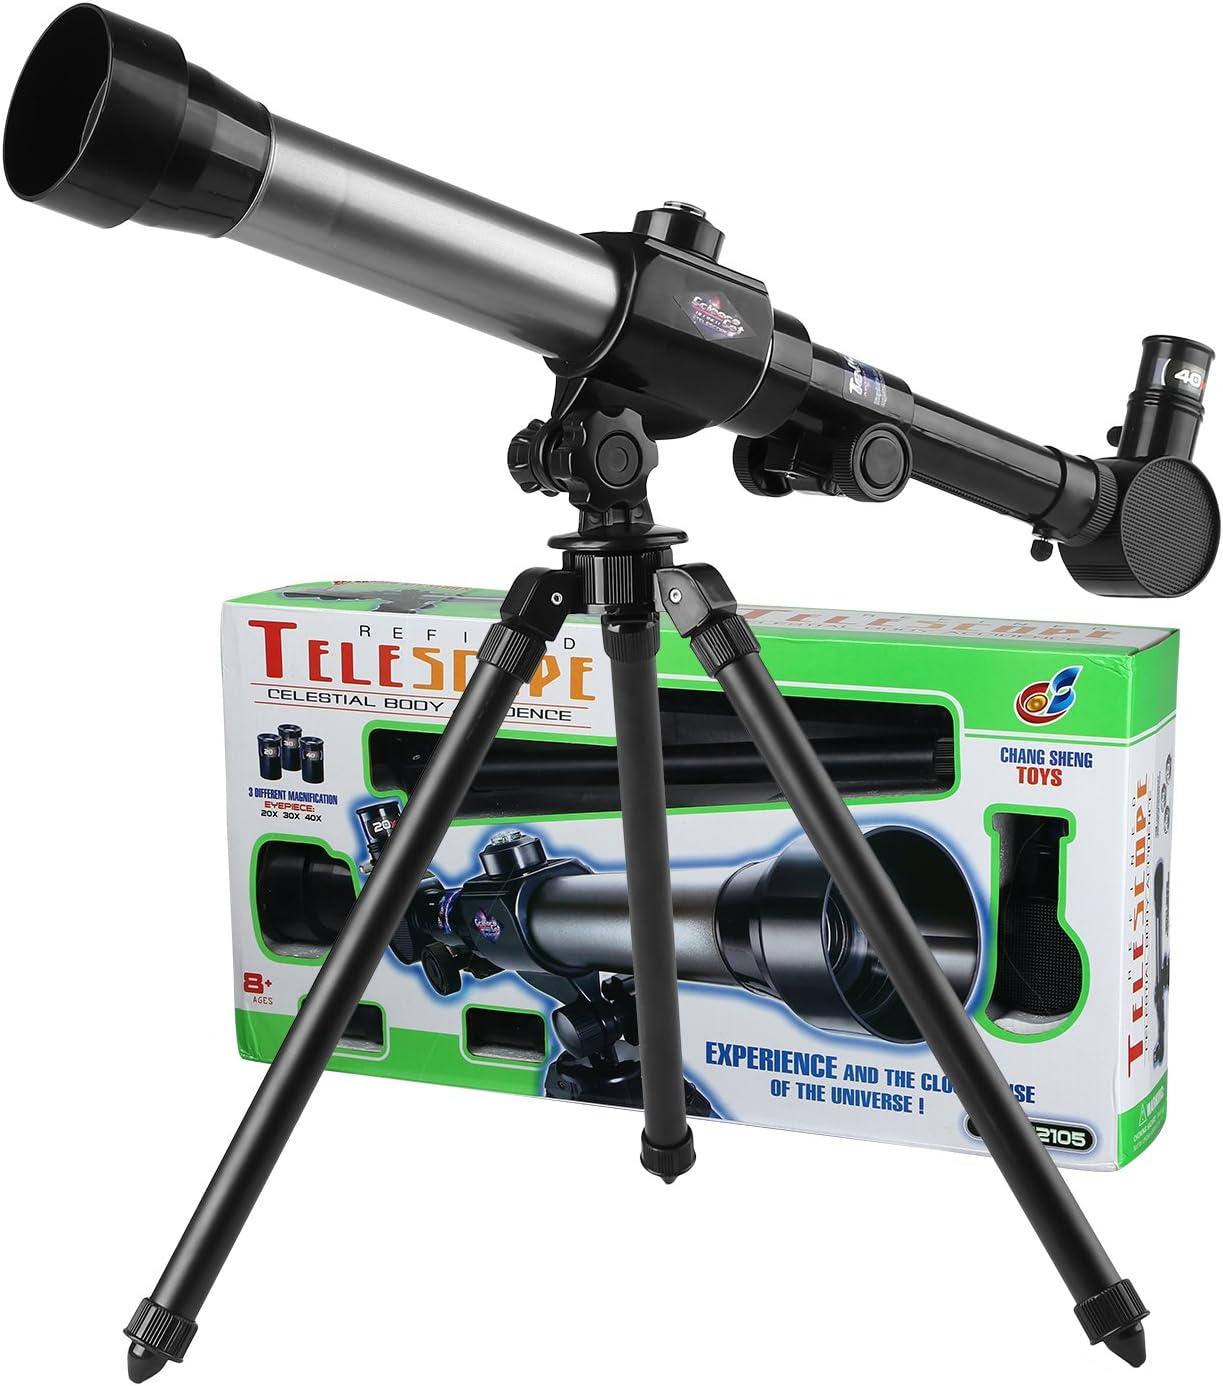 Phoewon Teleskop Für Kinder Kinderspielzeug 20x 30x 40x Astronomisches Kinder Fernrohr Teleskop Für Astronomie Anfänger Kinderteleskop Set Mit Stativ Wissenschaft Spielzeug Spielzeug